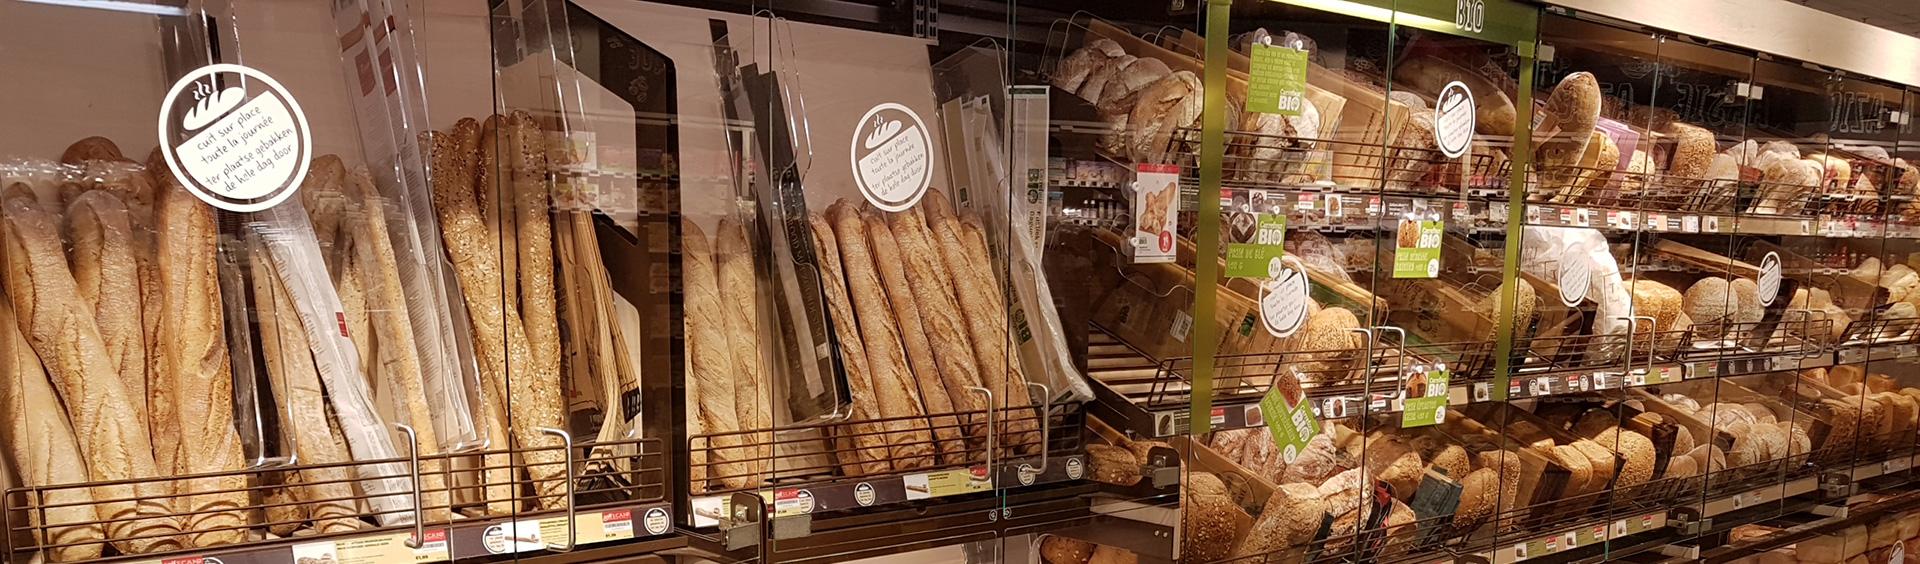 Chef de Rayon Boulangerie Pâtisserie